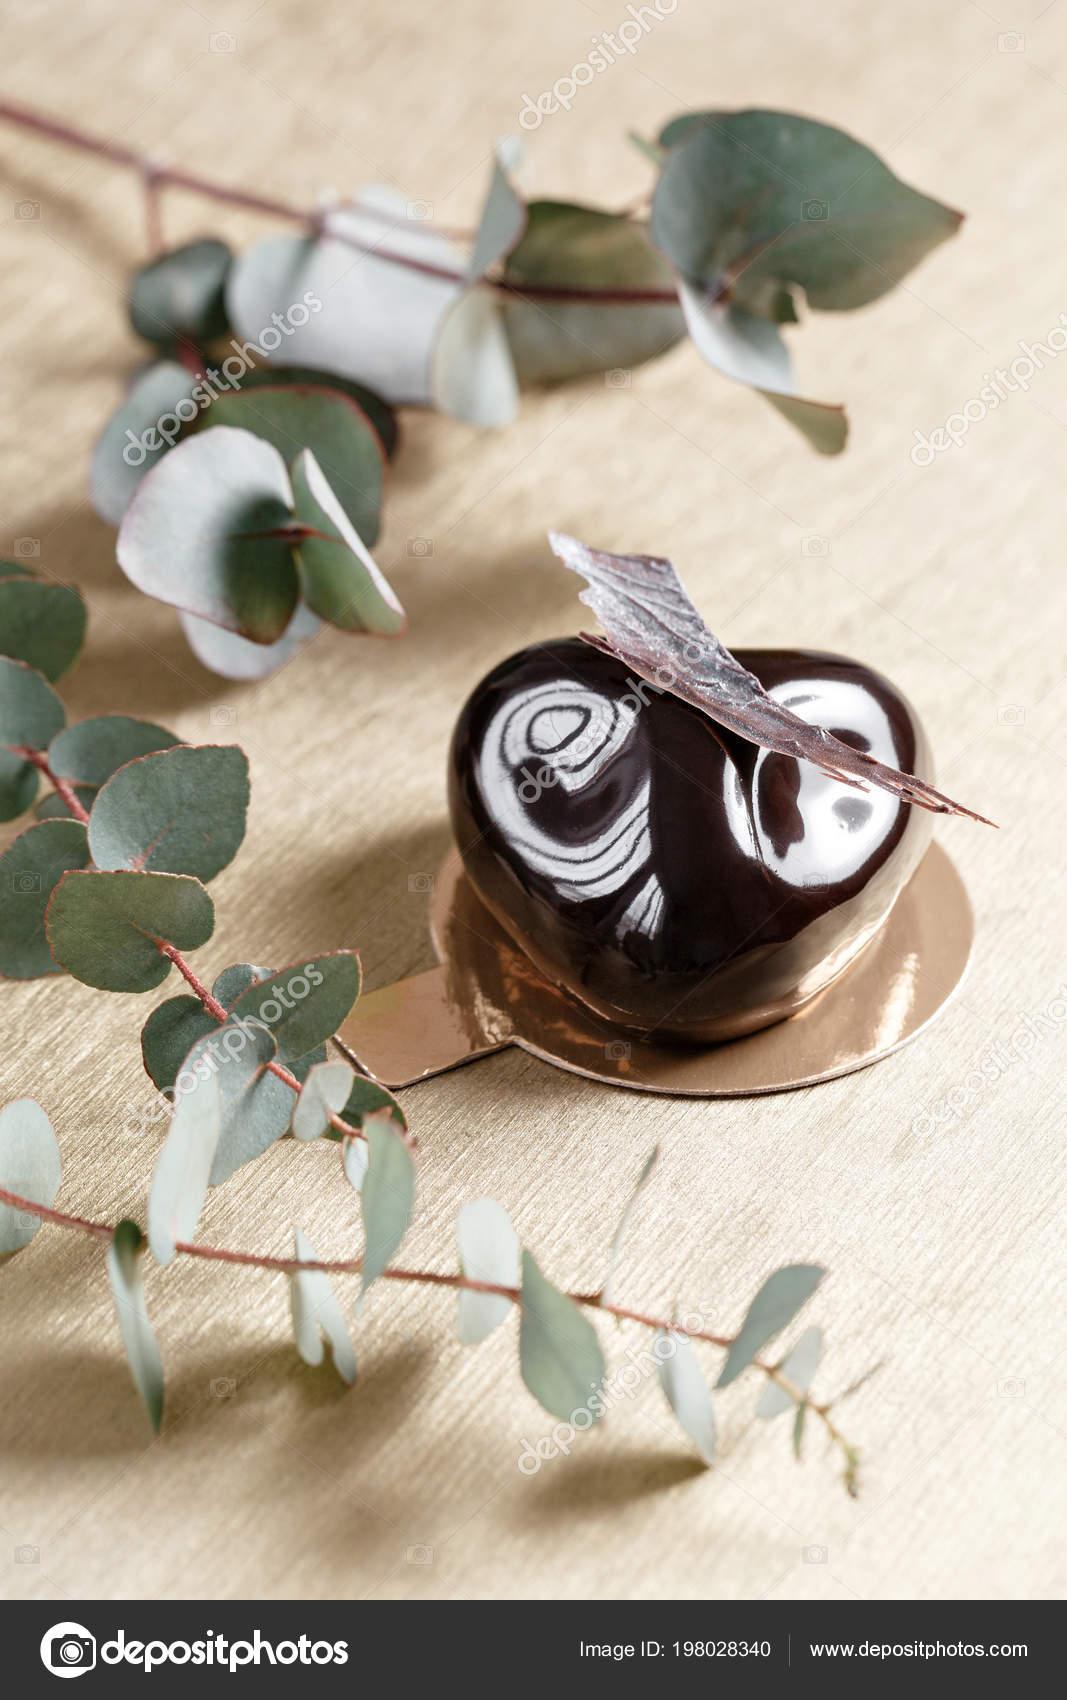 Petits Gateaux Delicieux Chocolats Vernis Brillant Et Decor